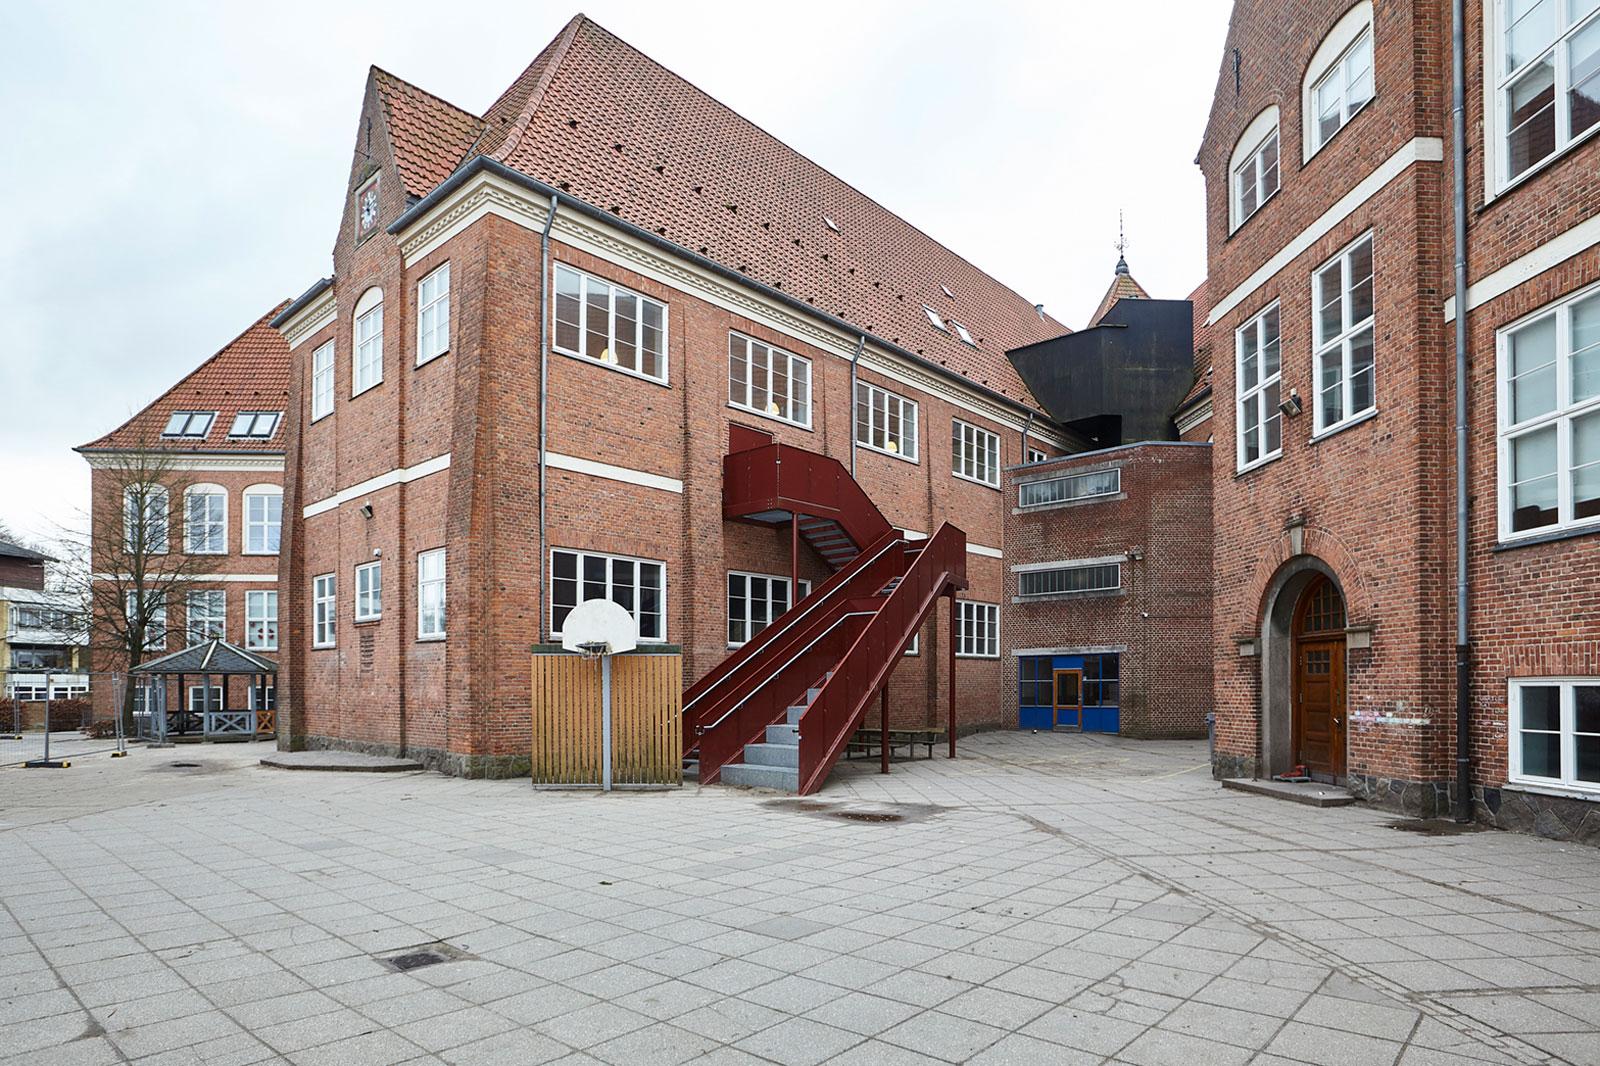 Hobrovejens-Skole-Randers-Renovering-V01-1600x1066px